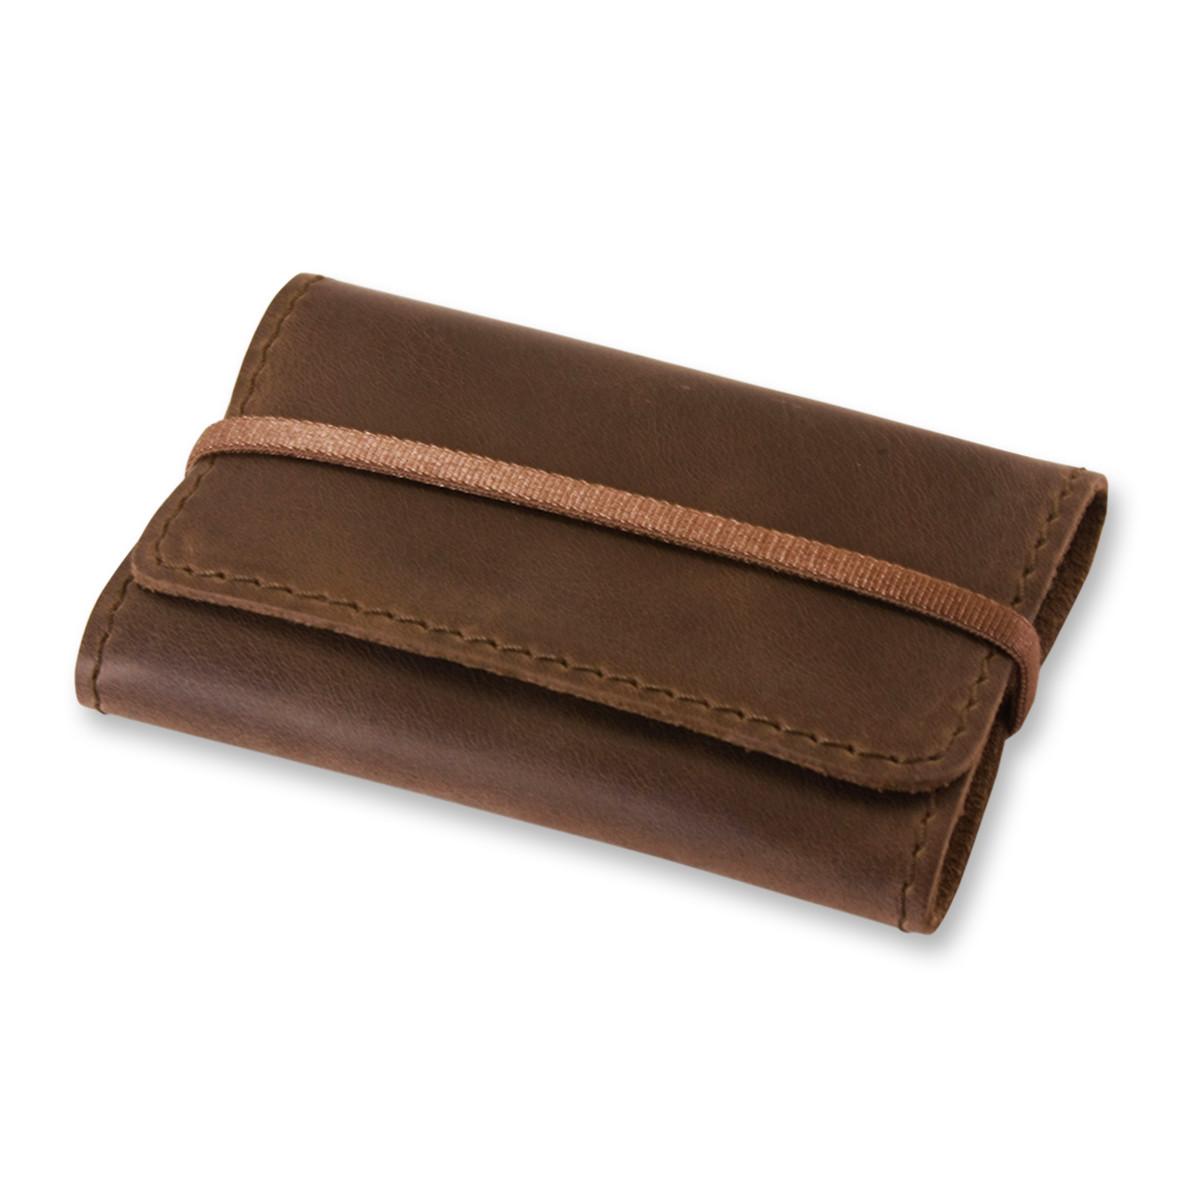 Кард-кейс 1.1 коричневый